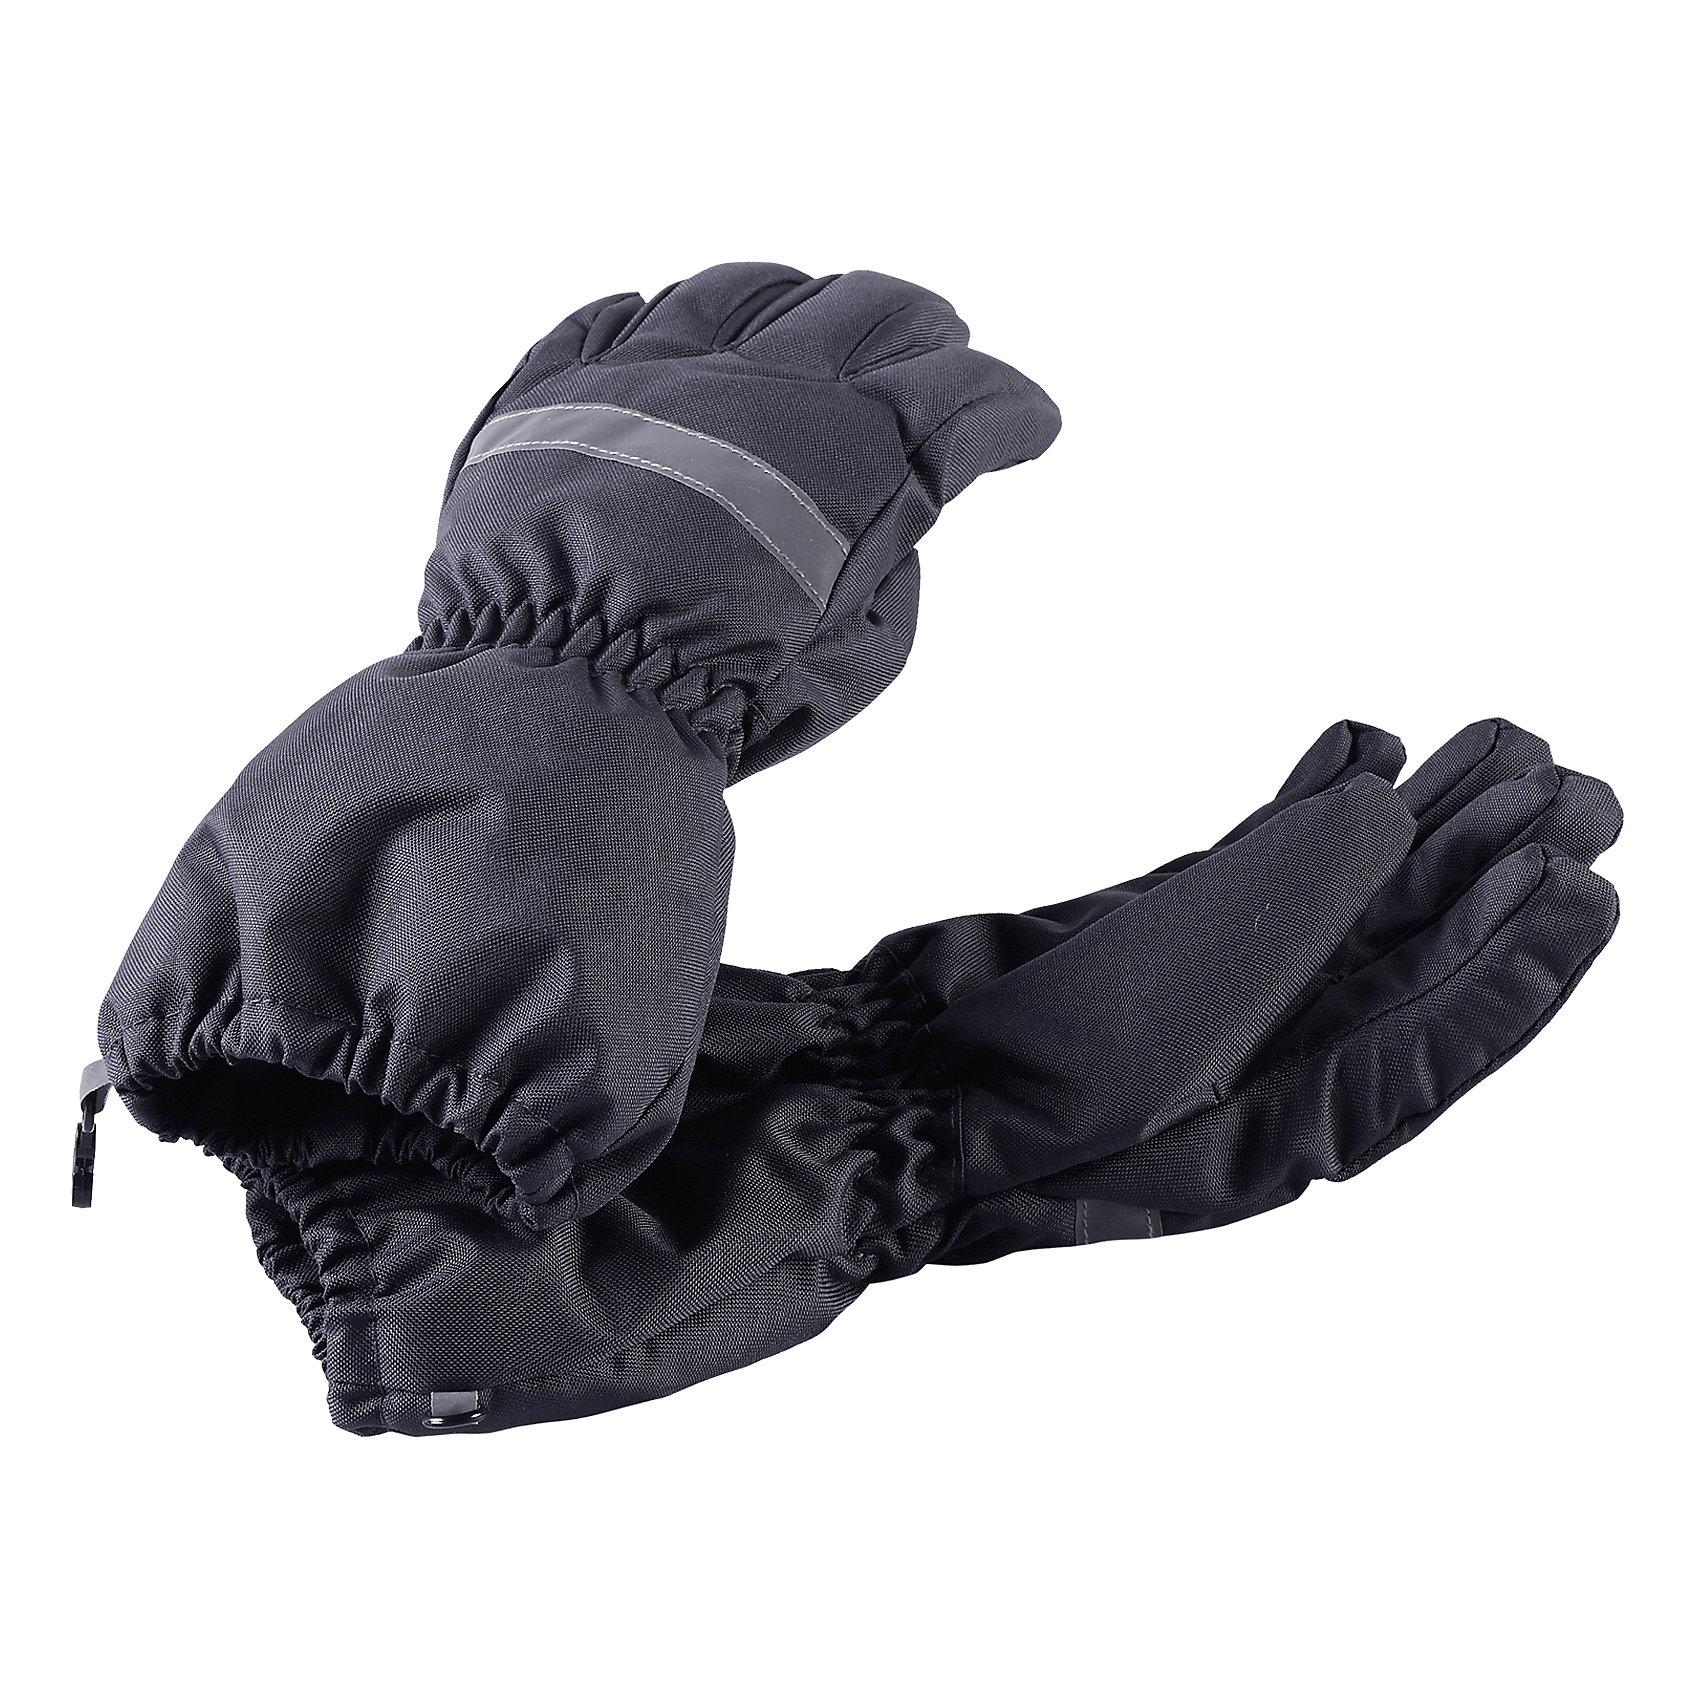 Перчатки LassieПерчатки, варежки<br>Зима – время снежных забав! Эти детские перчатки созданы, чтобы ручки оставались теплыми и сухими во время активных зимних прогулок. Они изготовлены из сверхпрочного материала с гладкой трикотажной подкладкой внутри. <br>Состав:<br>100% Полиэстер<br><br>Ширина мм: 162<br>Глубина мм: 171<br>Высота мм: 55<br>Вес г: 119<br>Цвет: серый<br>Возраст от месяцев: 96<br>Возраст до месяцев: 120<br>Пол: Унисекс<br>Возраст: Детский<br>Размер: 6,3,4,5<br>SKU: 6928061